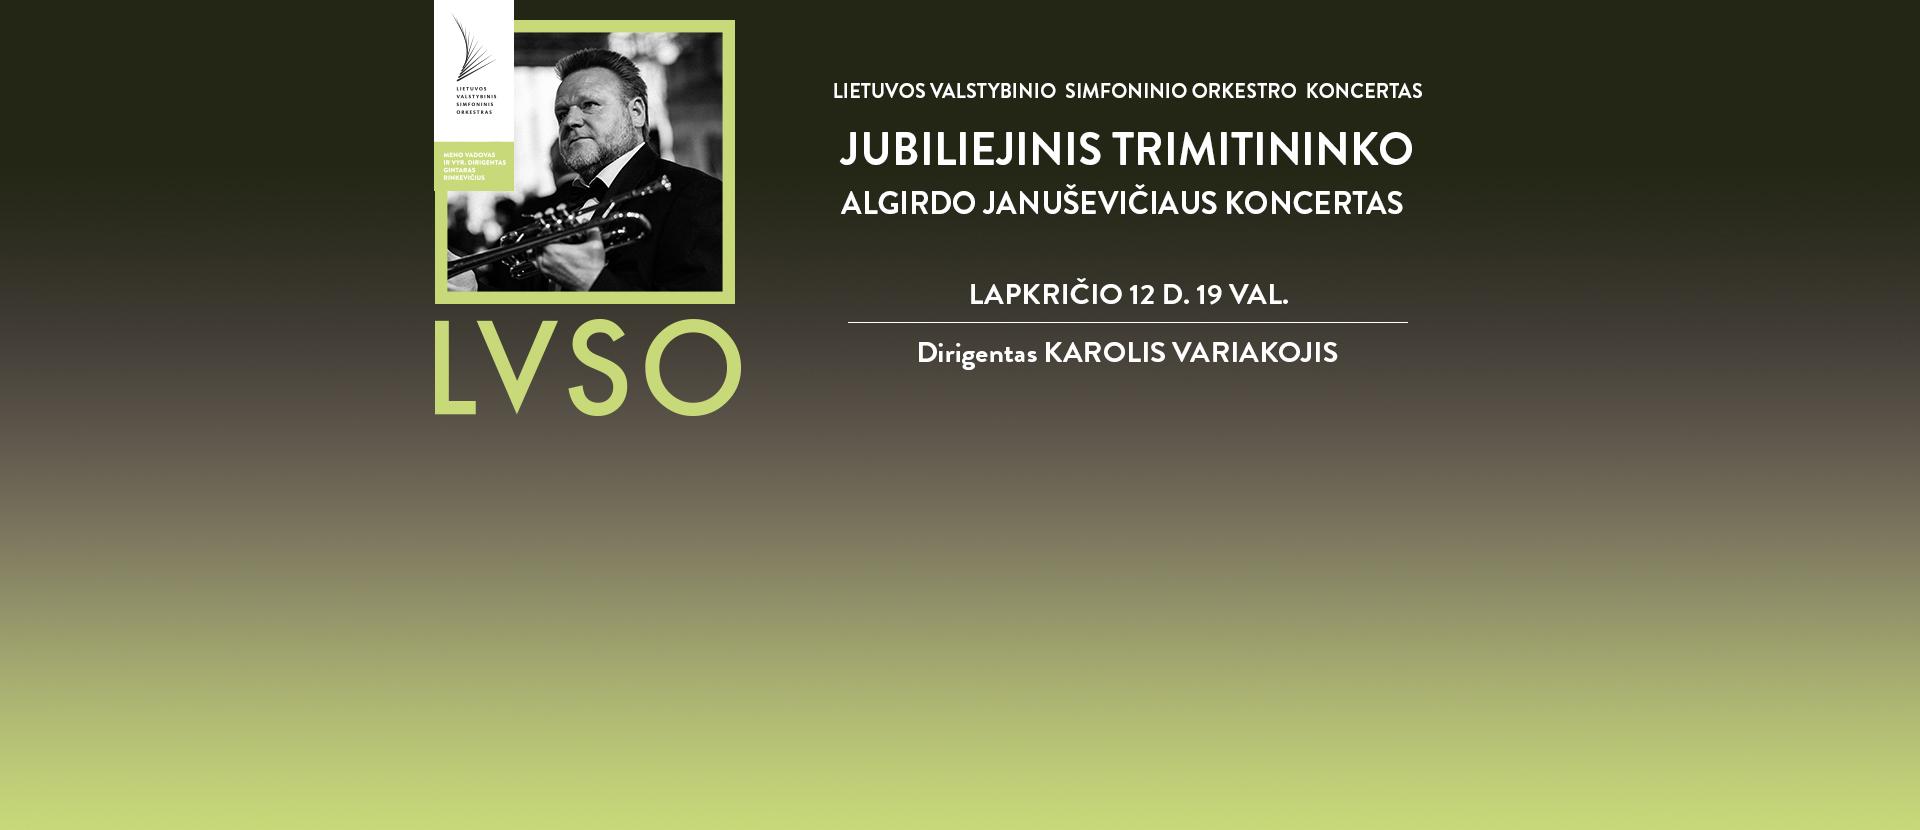 LVSO | Simfoninis koncertas JUBILIEJINIS TRIMITININKO ALGIRDO JANUŠEVIČIAUS KONCERTAS  (Įėjimas į renginius tik su Galimybių pasu)